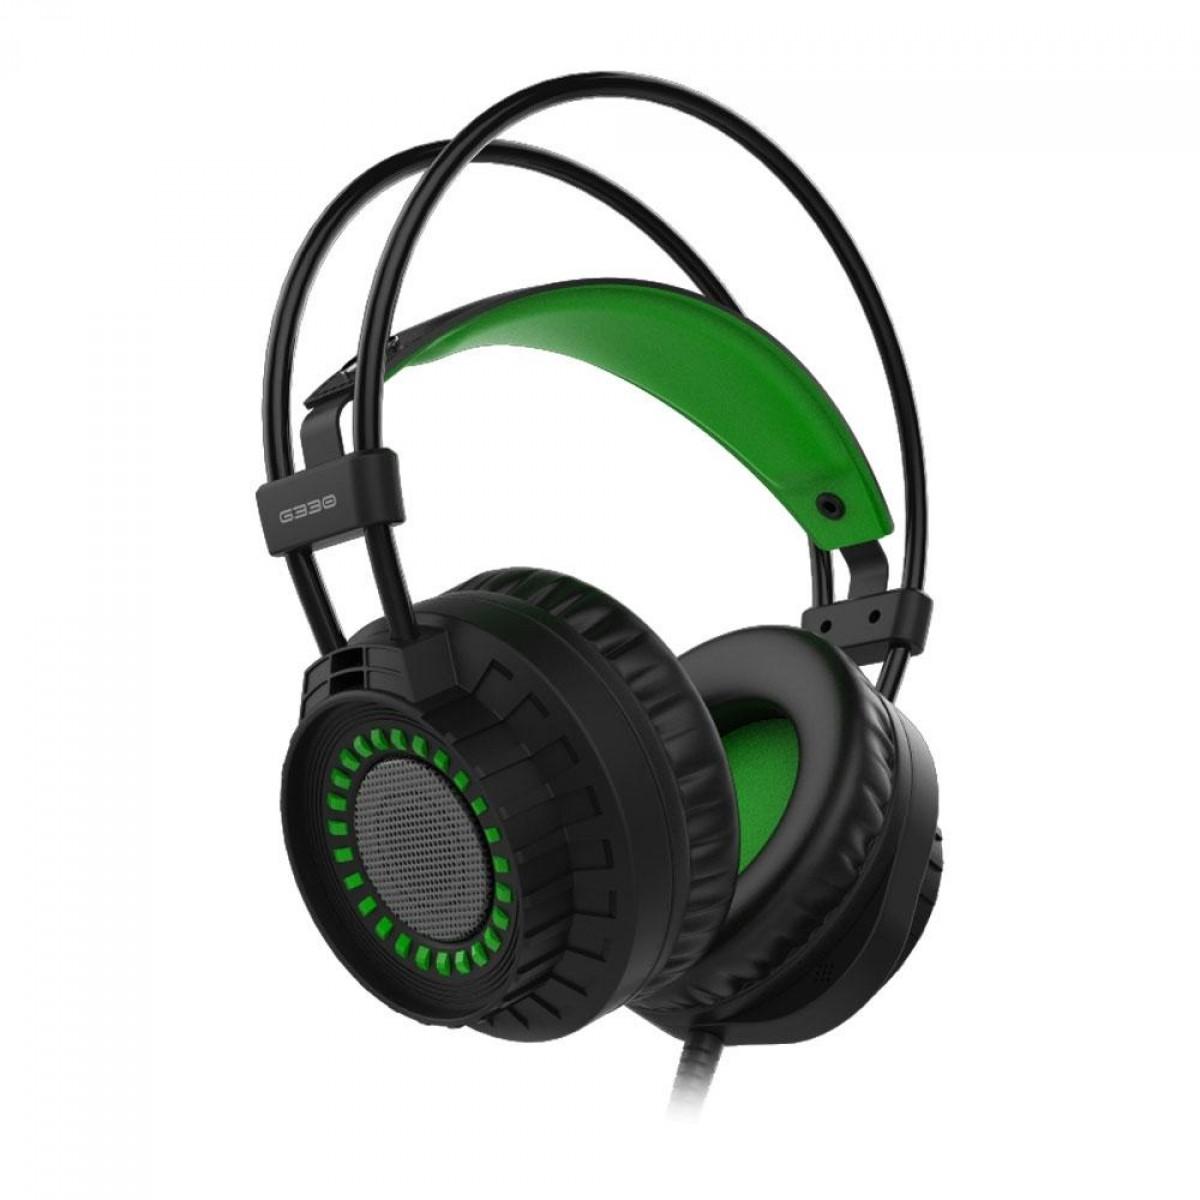 Headset Gamer Element G Single Color Verde G330 - Open Box